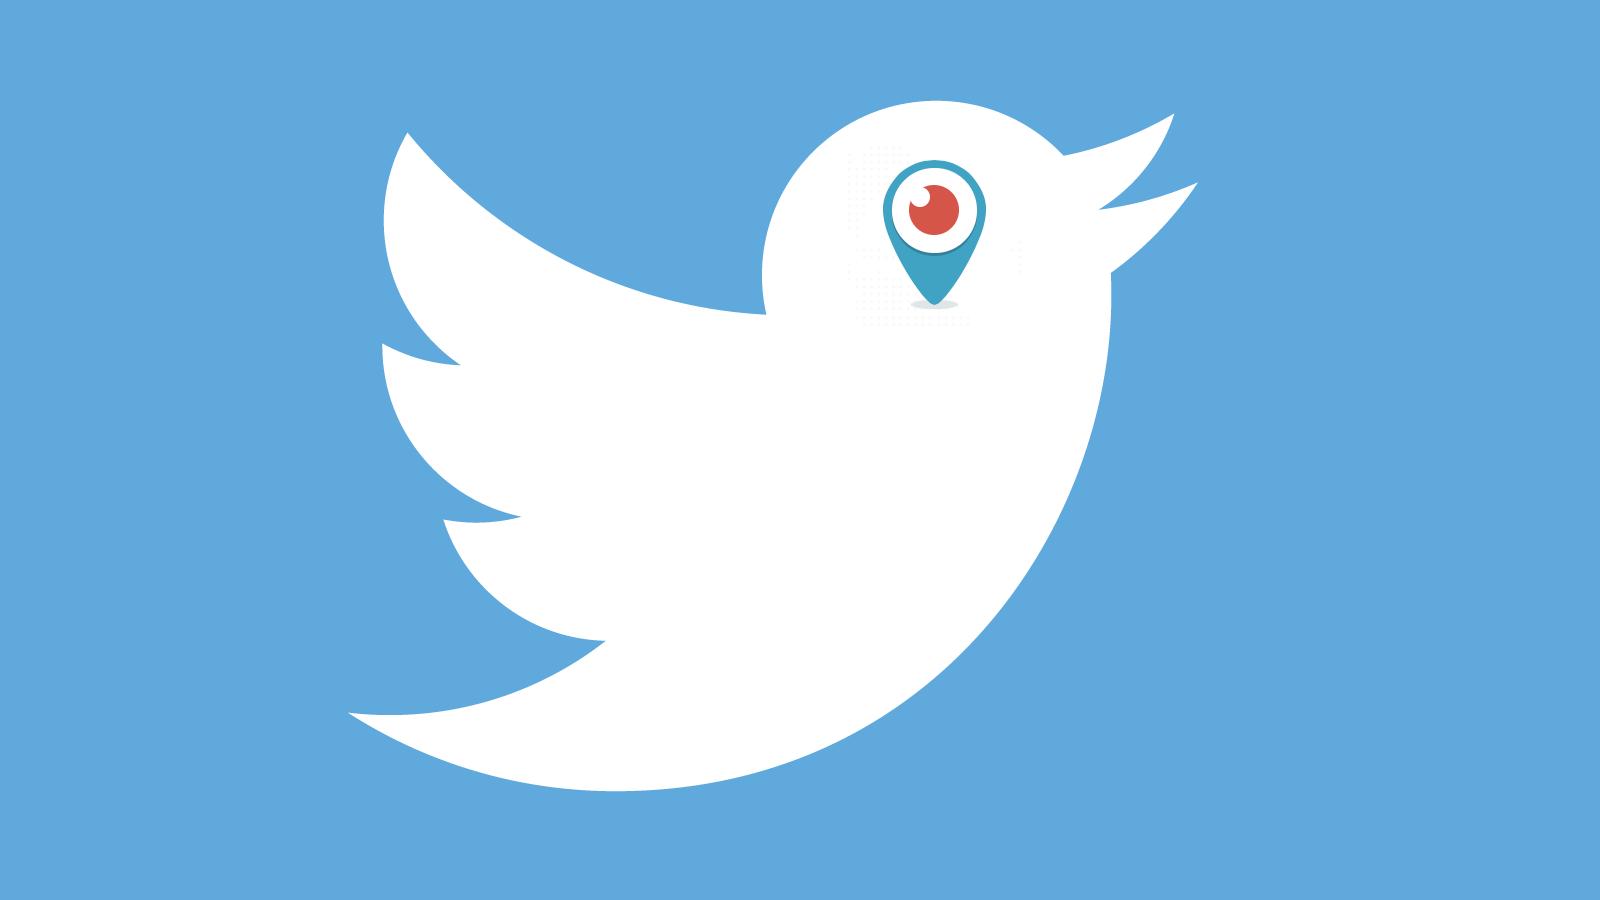 turk-bir-sirketin-ismini-kullanan-twitter-periscope-adini-kaybedebilir